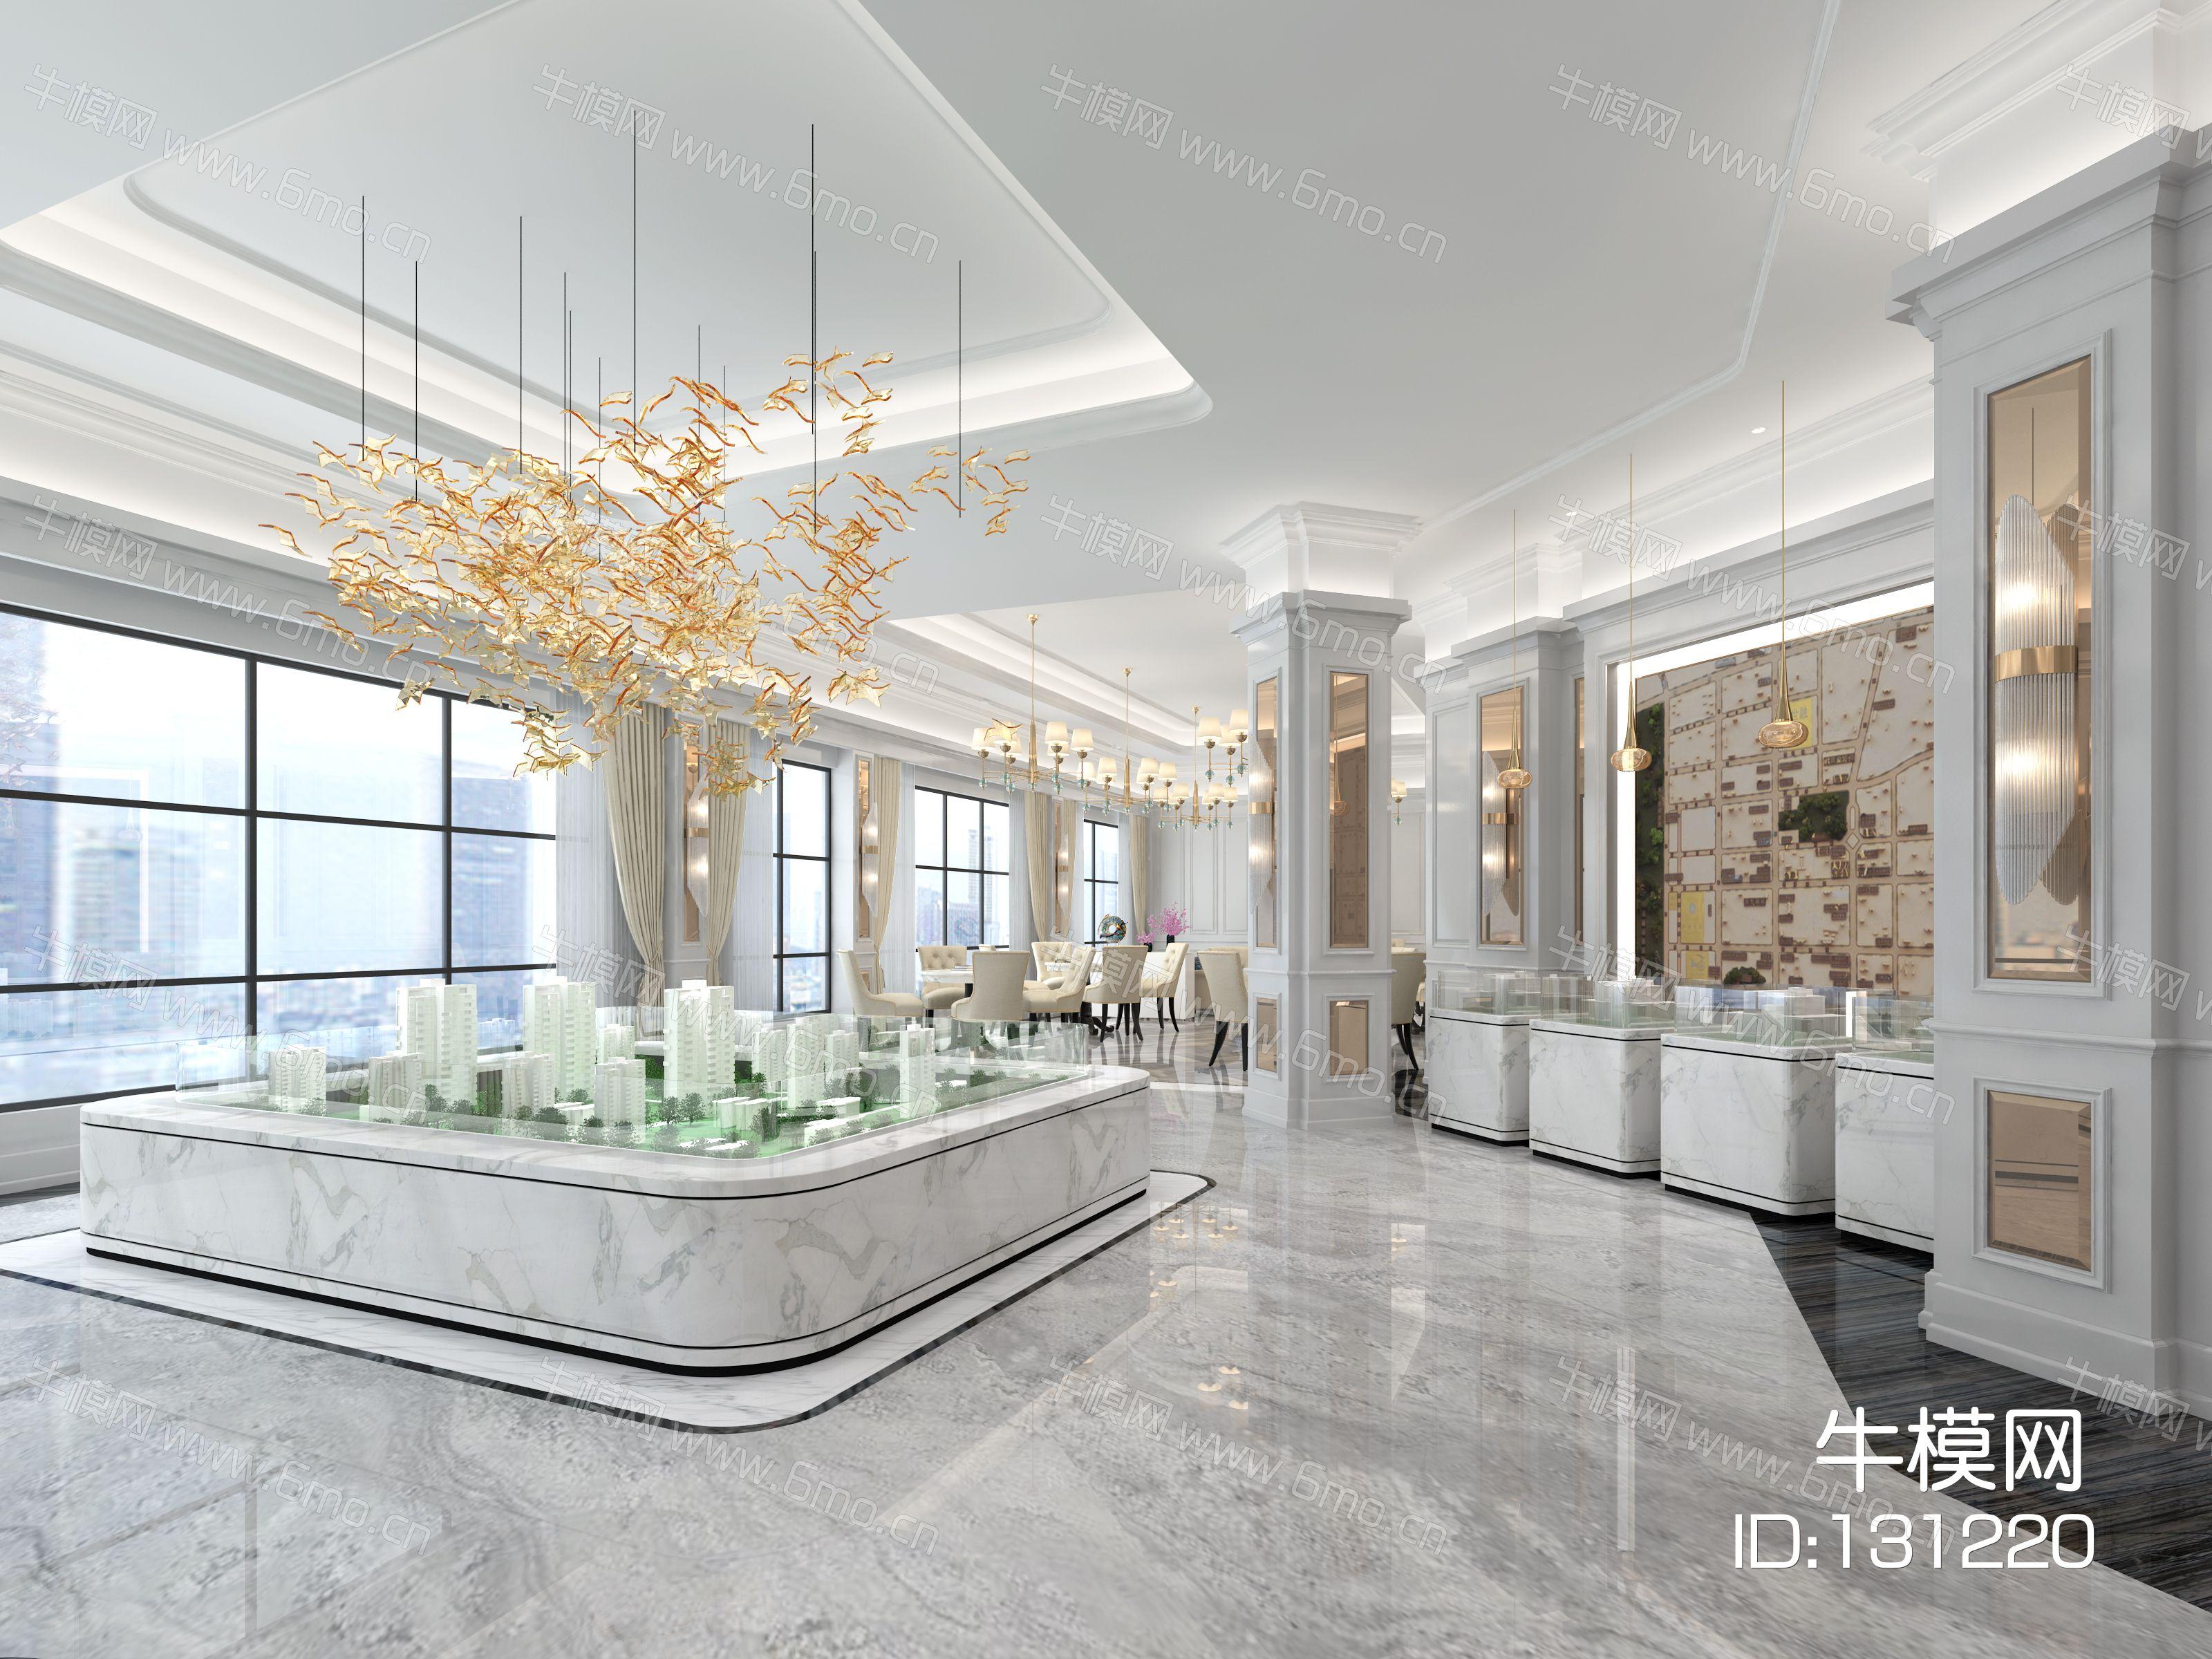 宜华地产售楼部方案二,现代简约风格,原创